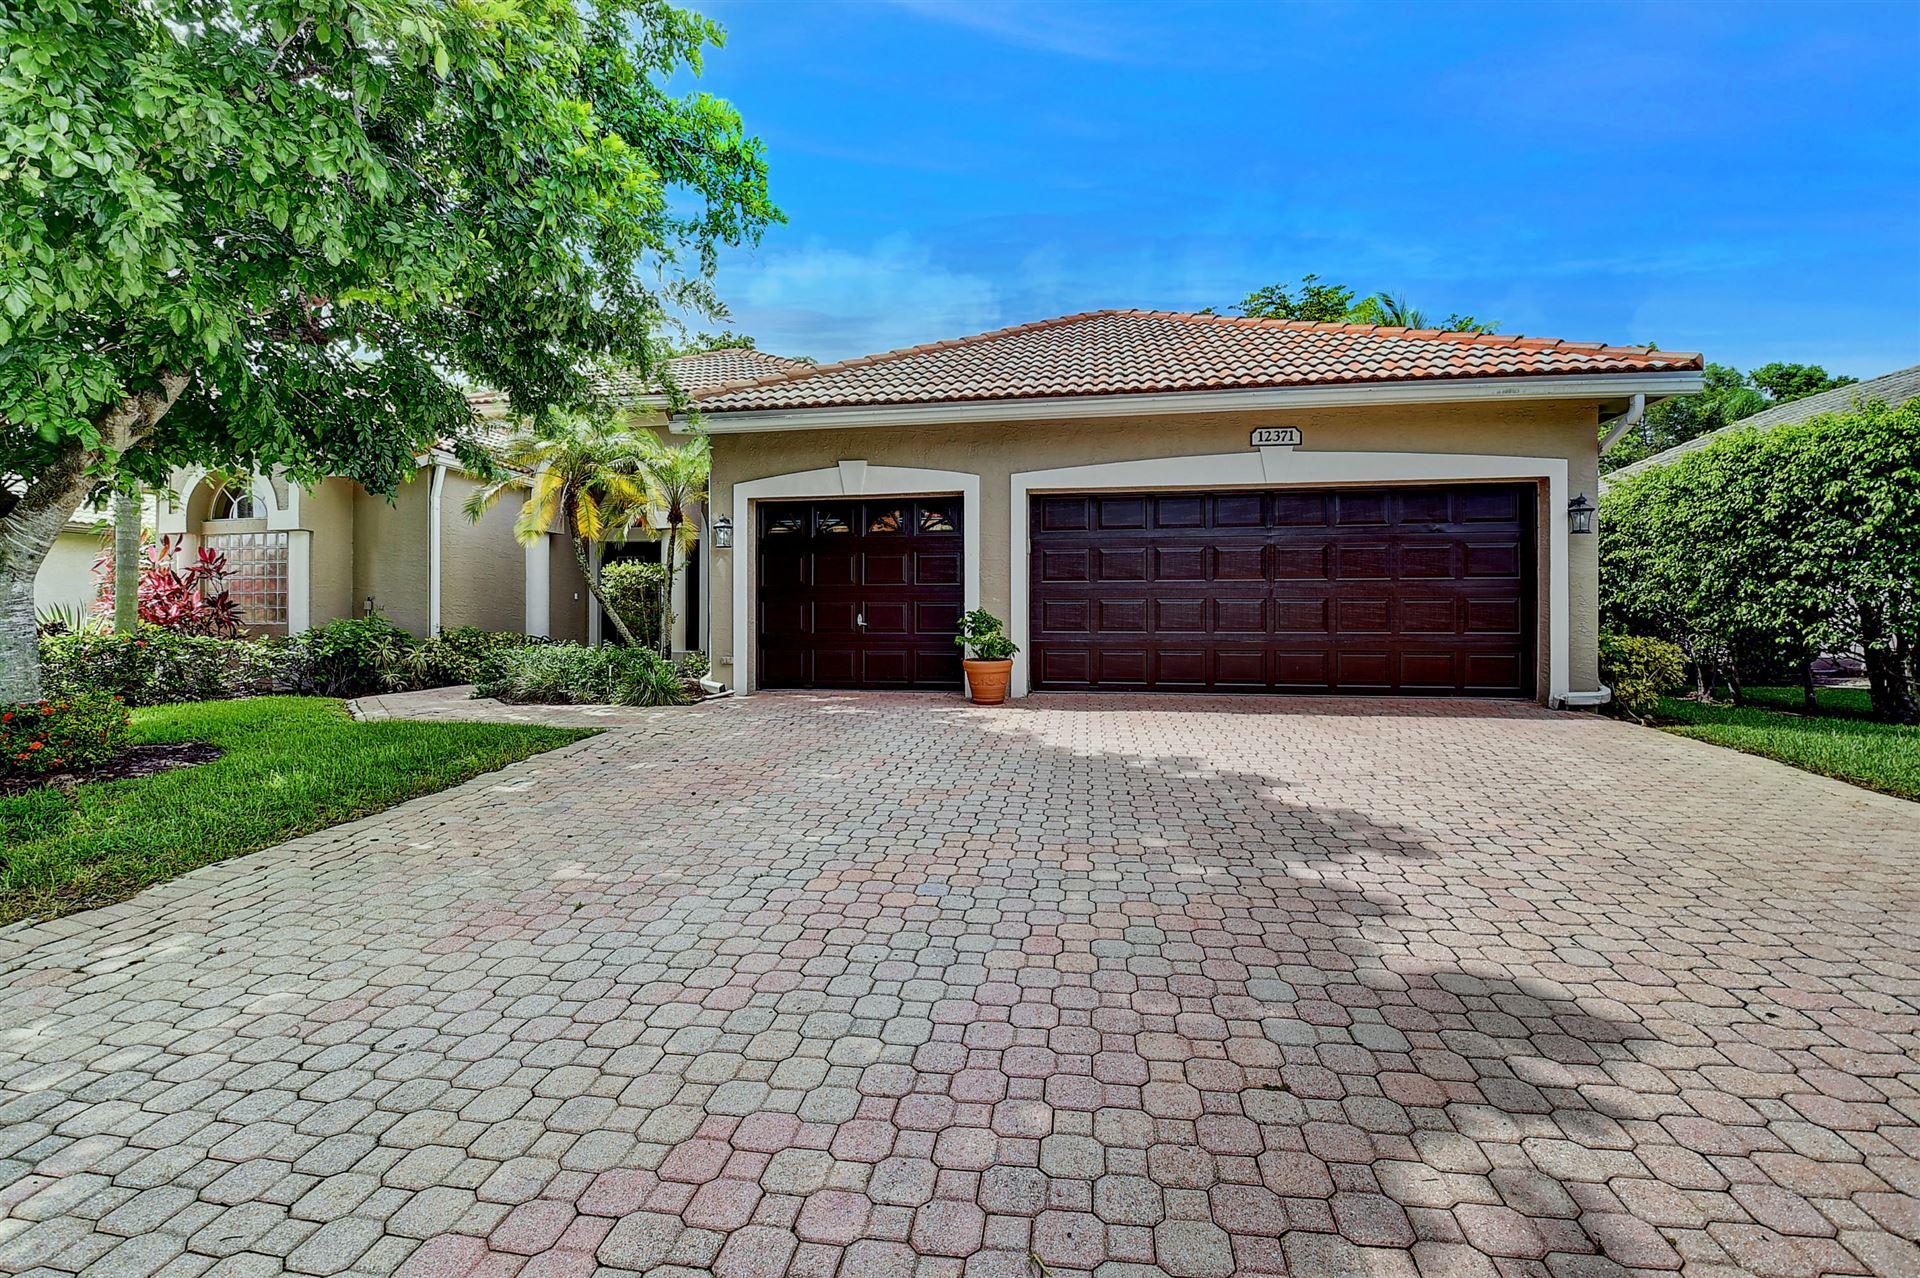 12371 Clearfalls Drive S, Boca Raton, FL 33428 - MLS#: RX-10730595